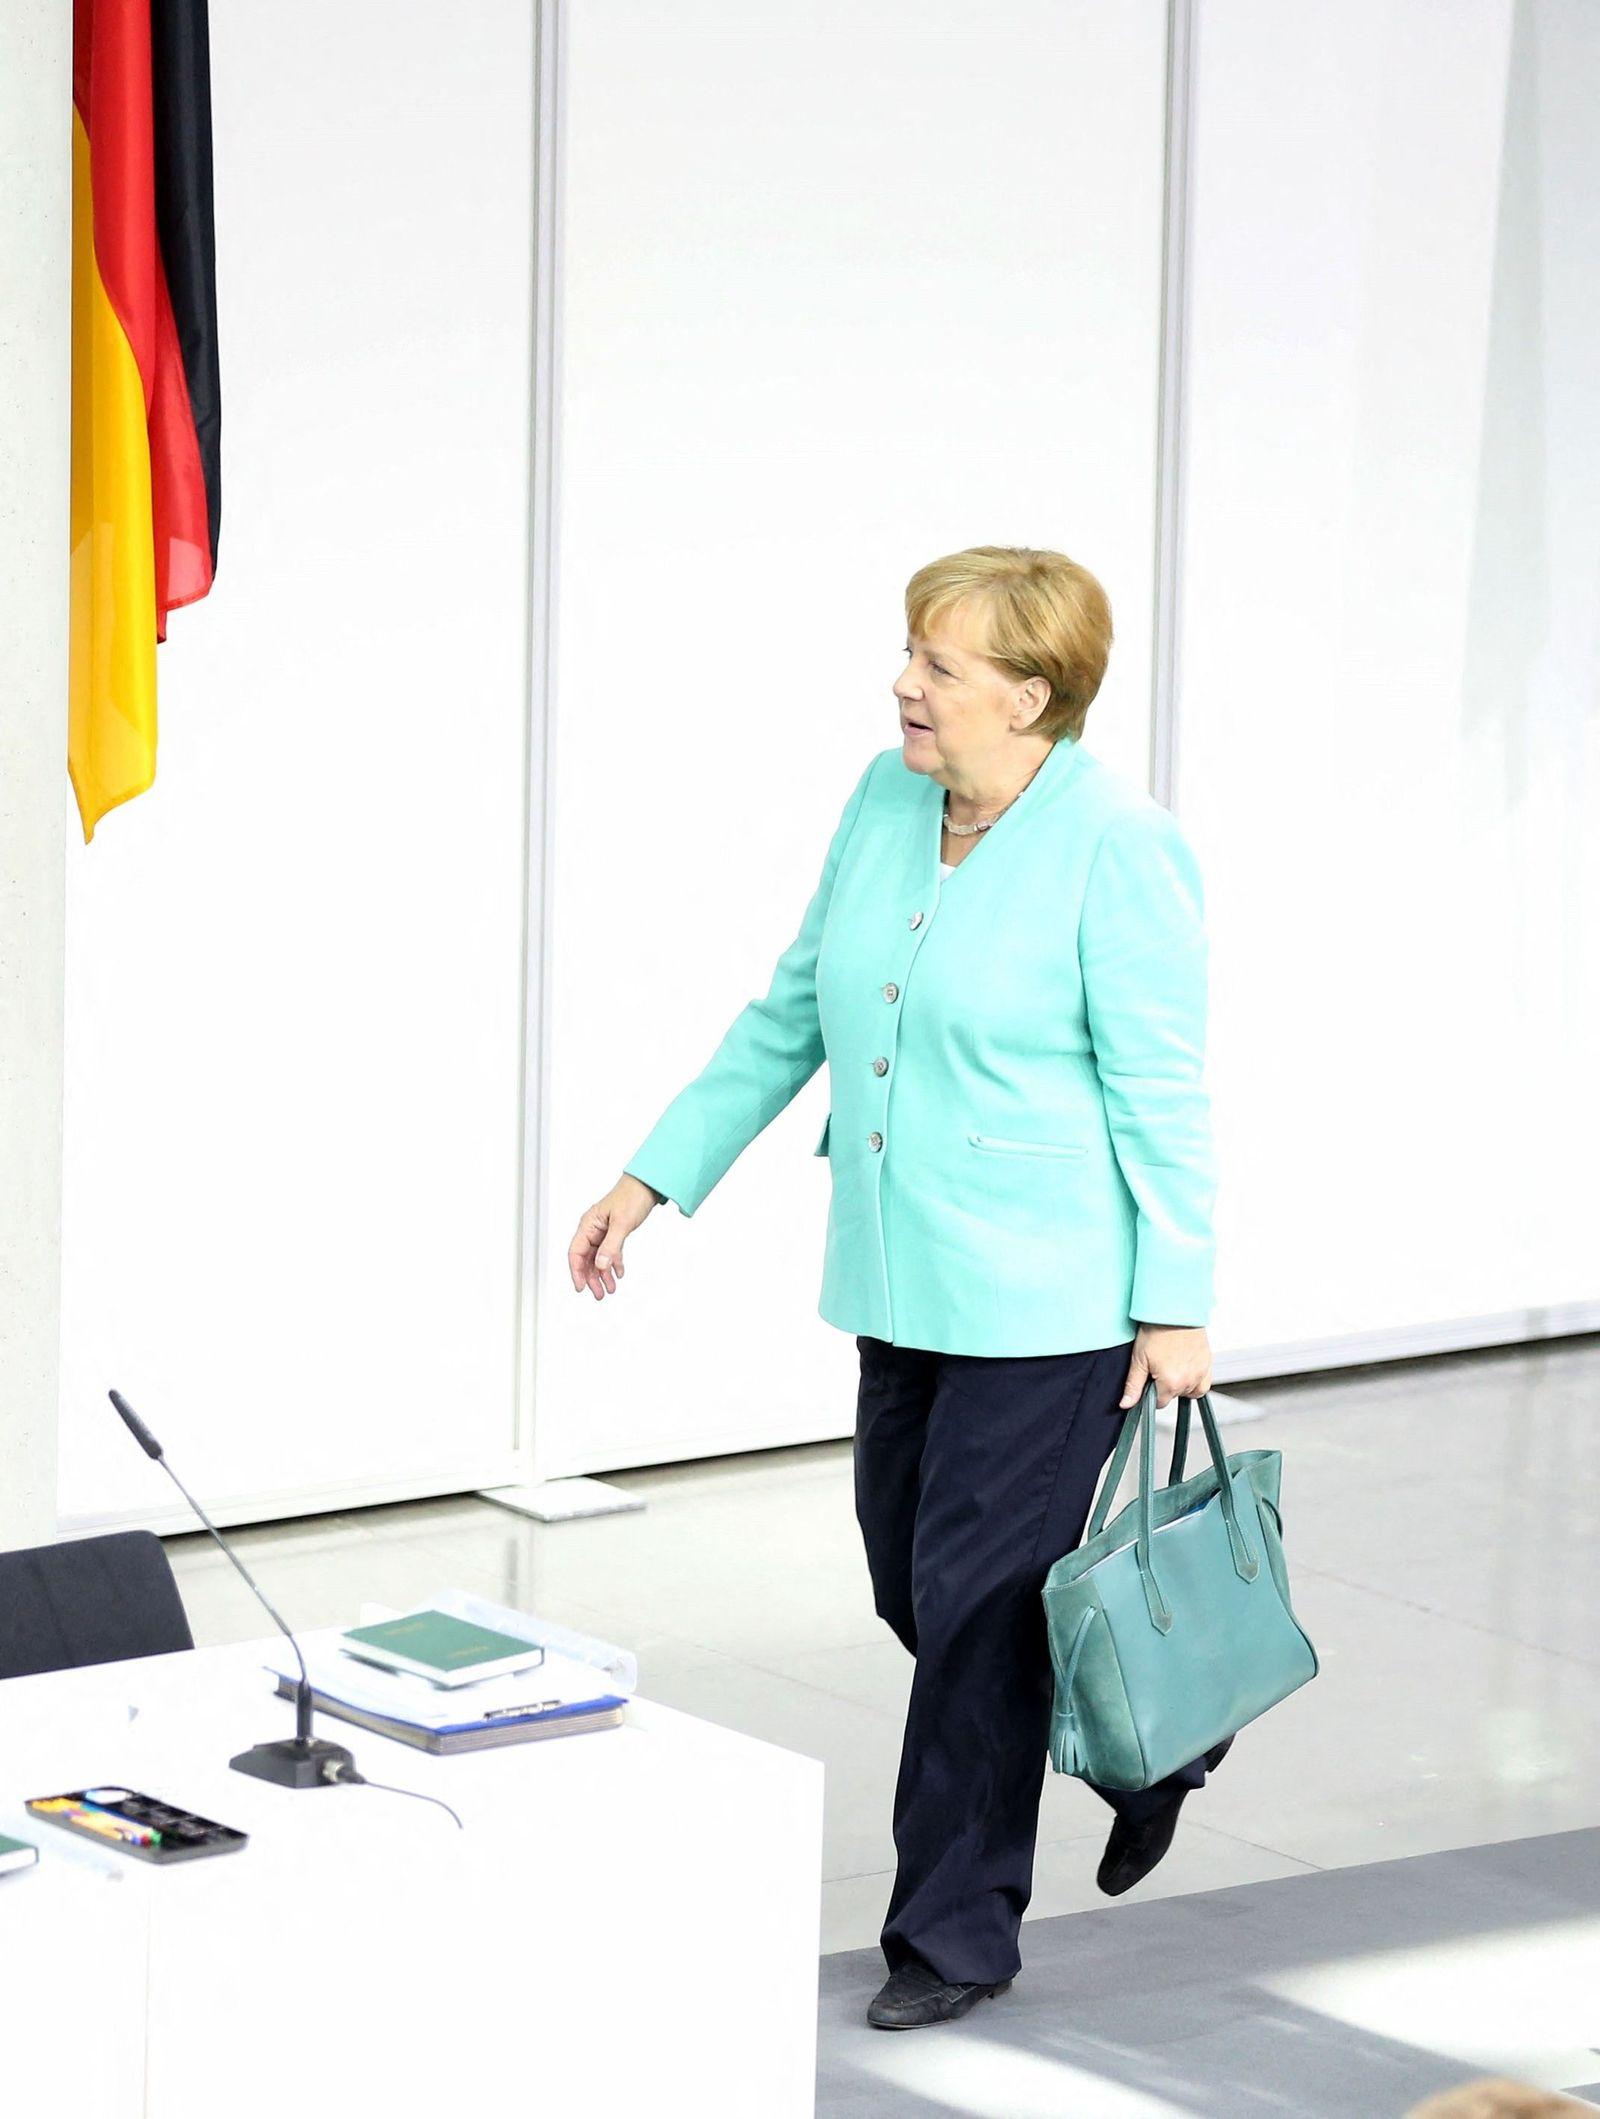 SPIN 31/2019 Die Trophäe - Merkel s. 12